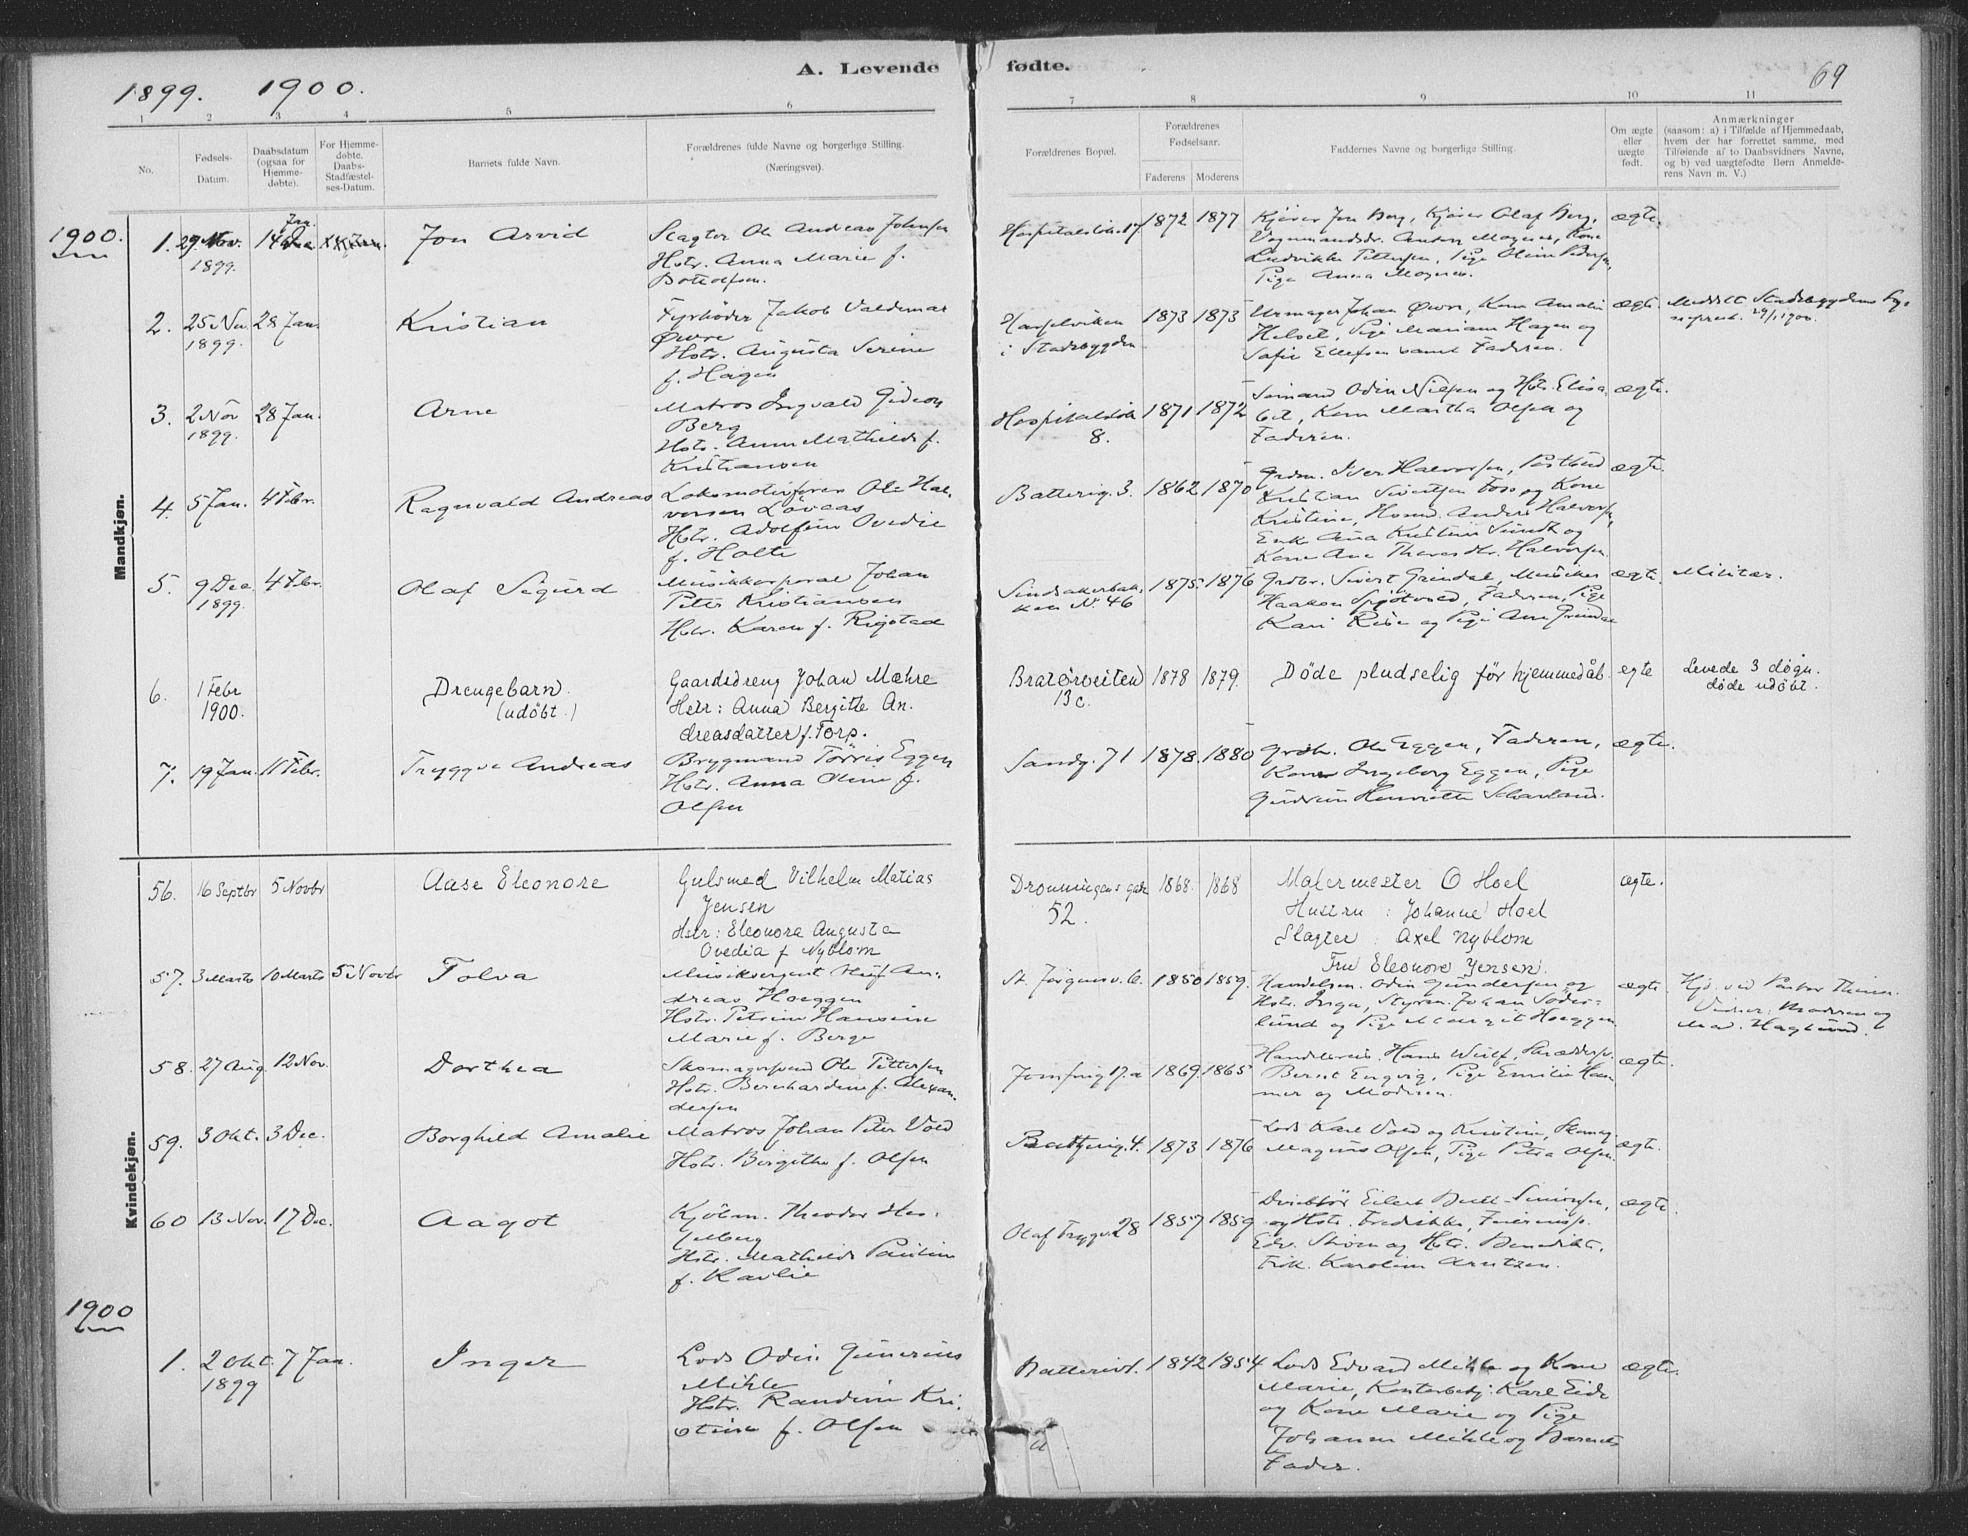 SAT, Ministerialprotokoller, klokkerbøker og fødselsregistre - Sør-Trøndelag, 602/L0122: Ministerialbok nr. 602A20, 1892-1908, s. 69